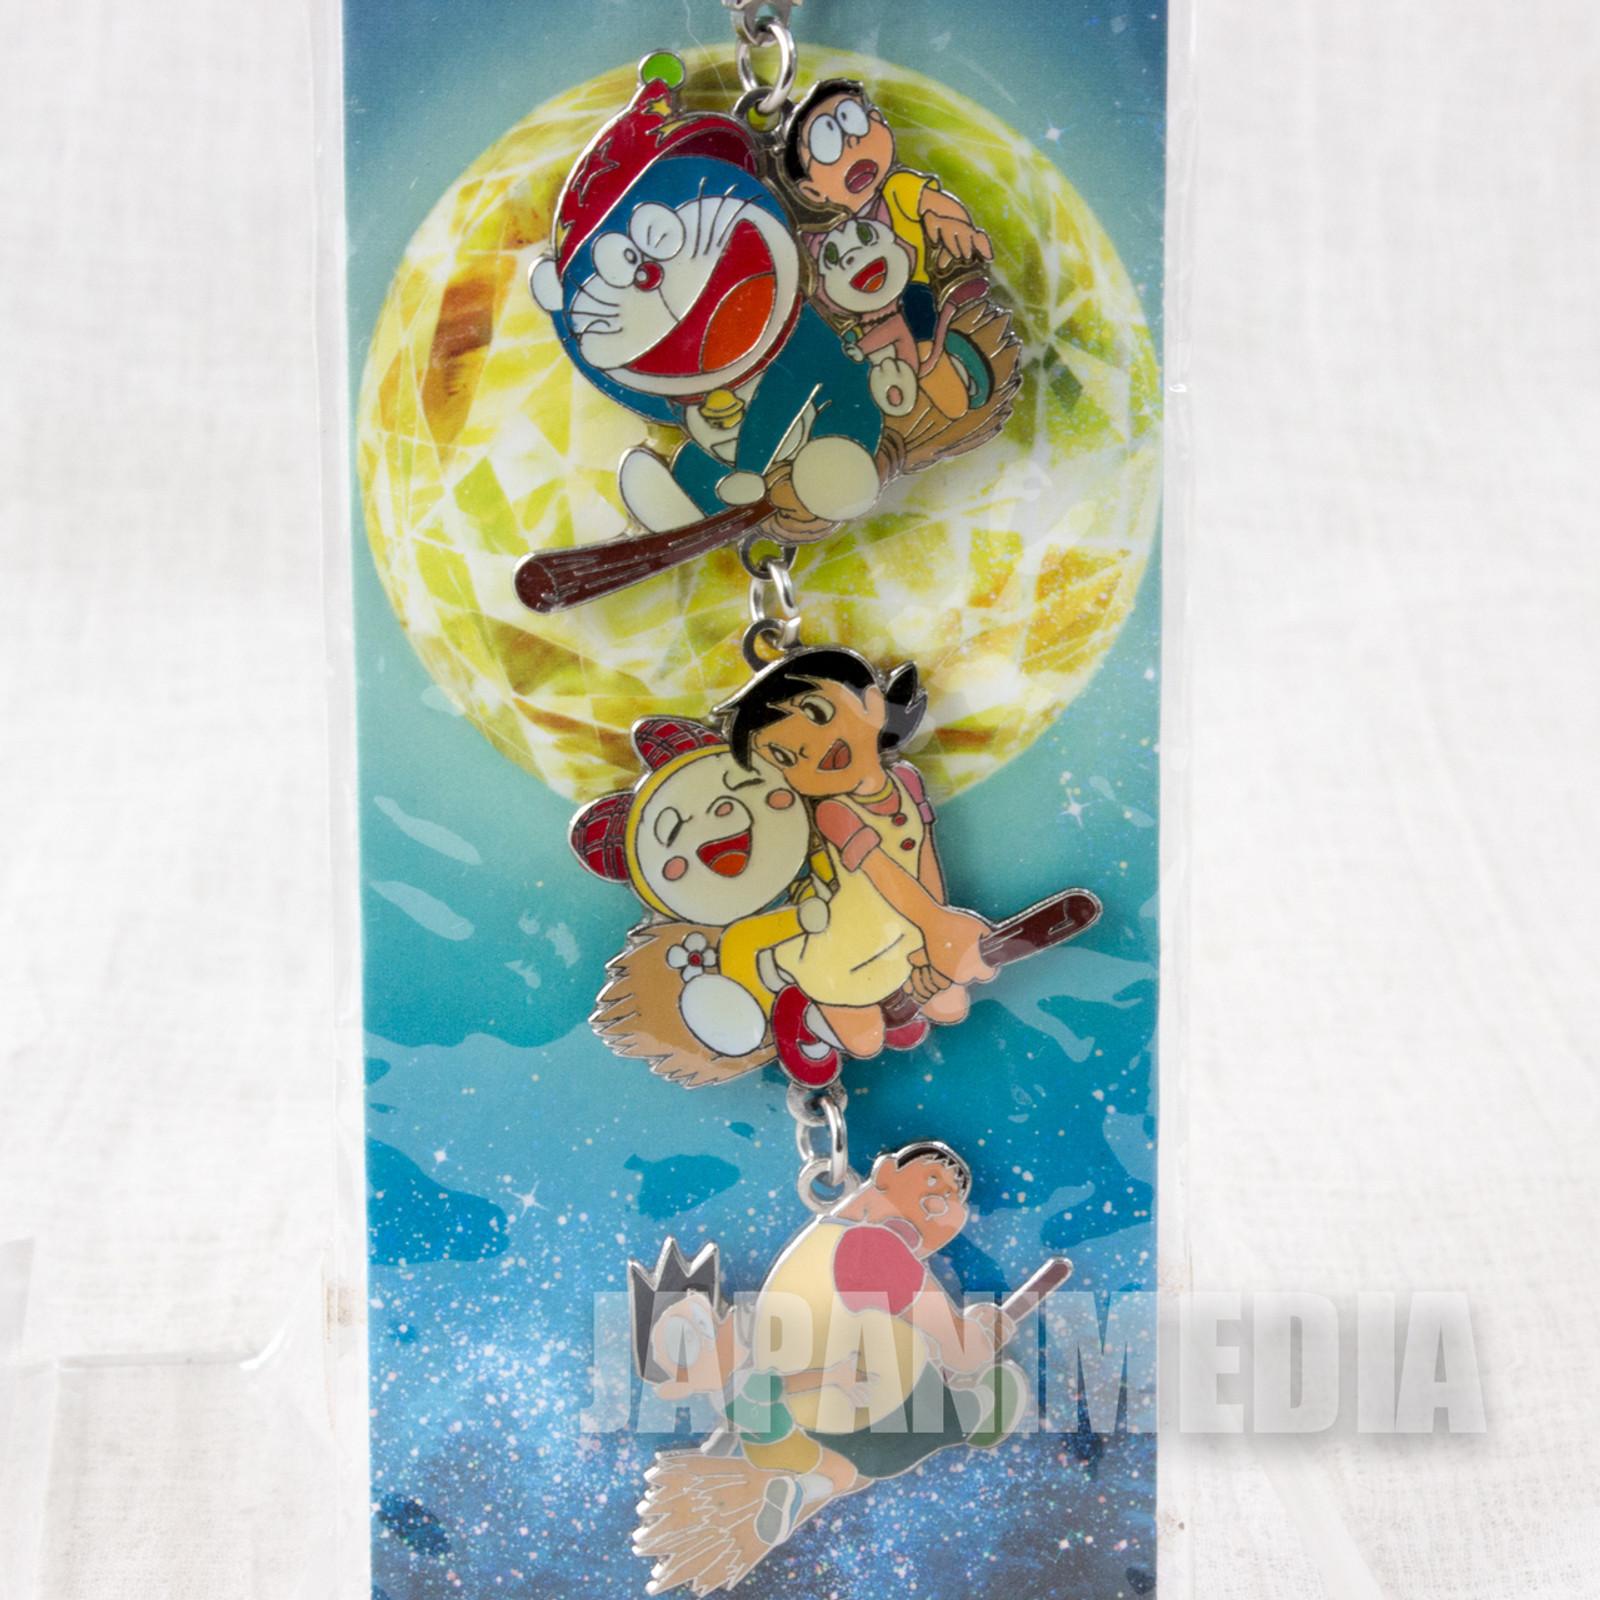 Doraemon: Nobita no Shin Makai Daiboken Metal Chram Strap Movie 2007 JAPAN